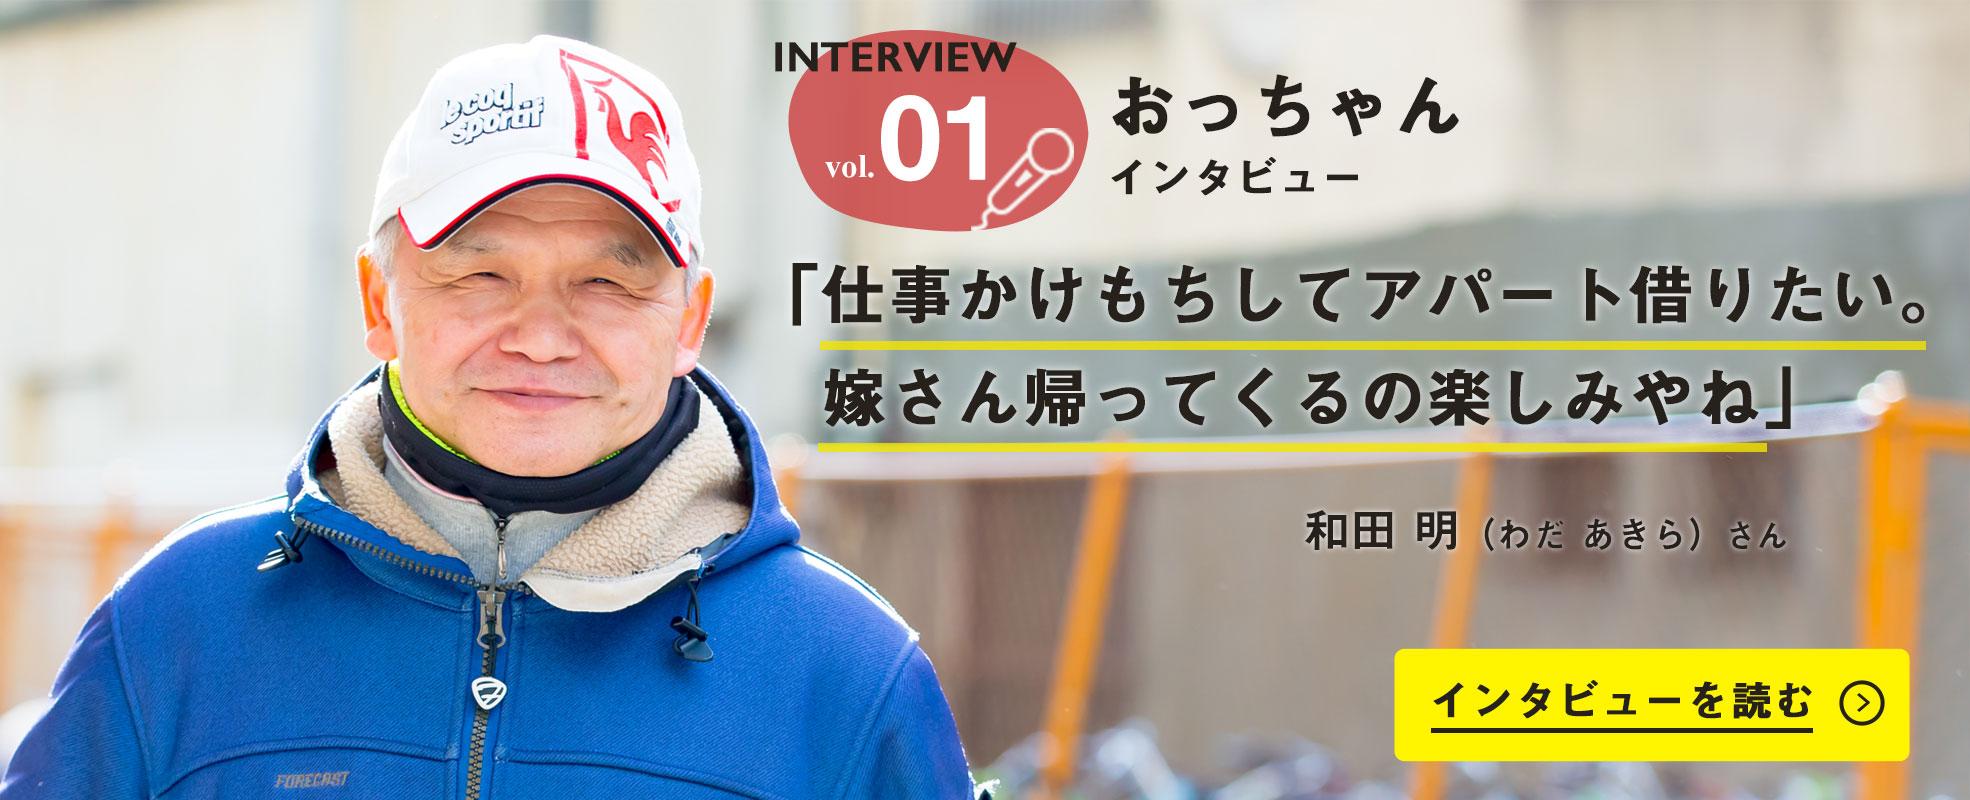 Interview vol.1 おっちゃんインタビュー 「仕事かけもちしてアパート借りたい。嫁さん帰ってくるの楽しみやね」 和田 明(わだ あきら)さん インタビューを読む